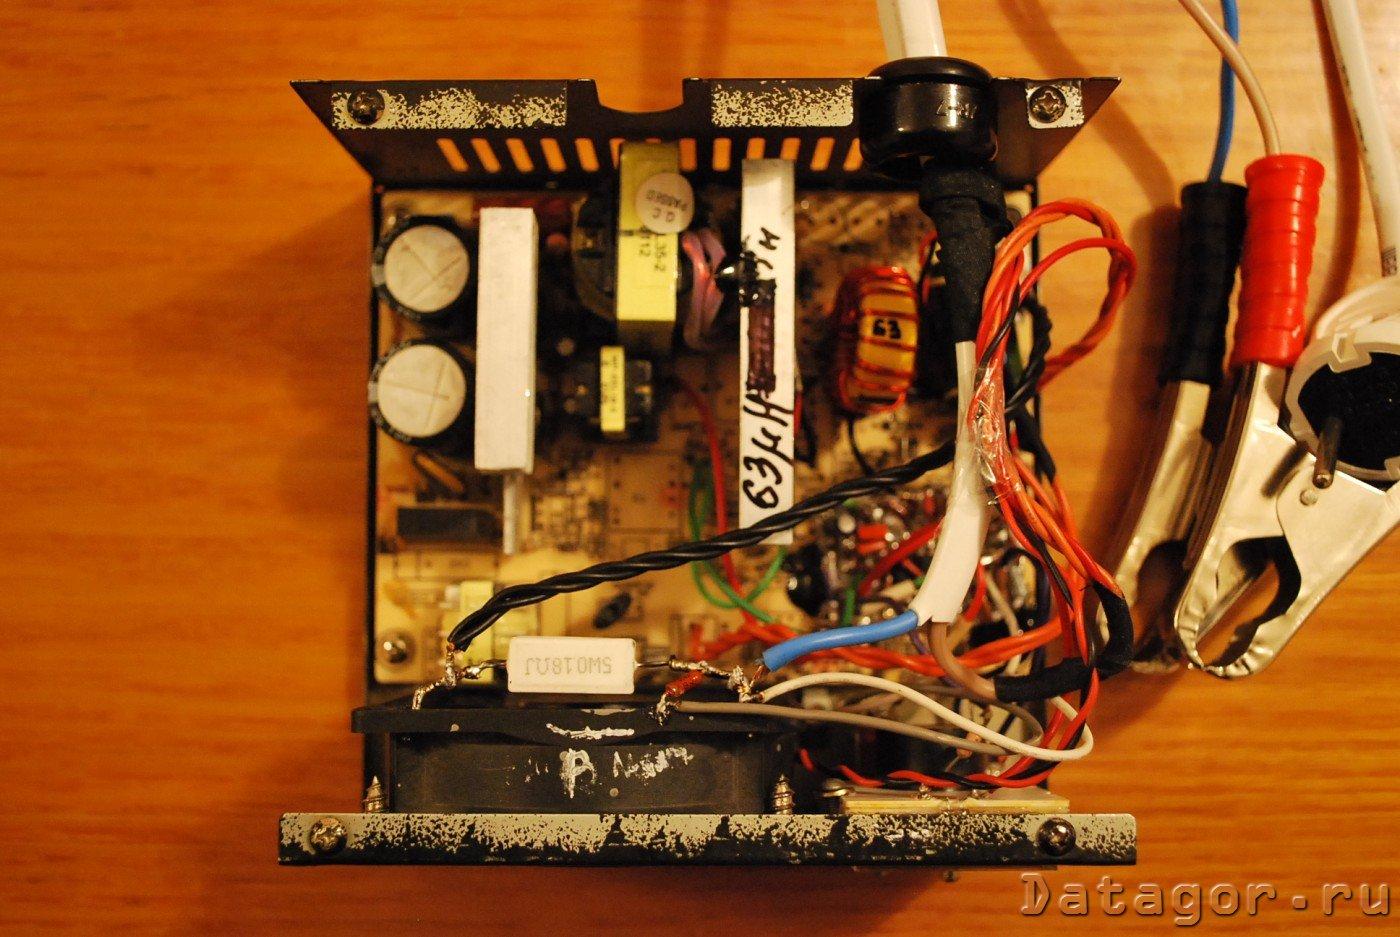 Из компьютерного блока питания - лабораторный и зарядное 19